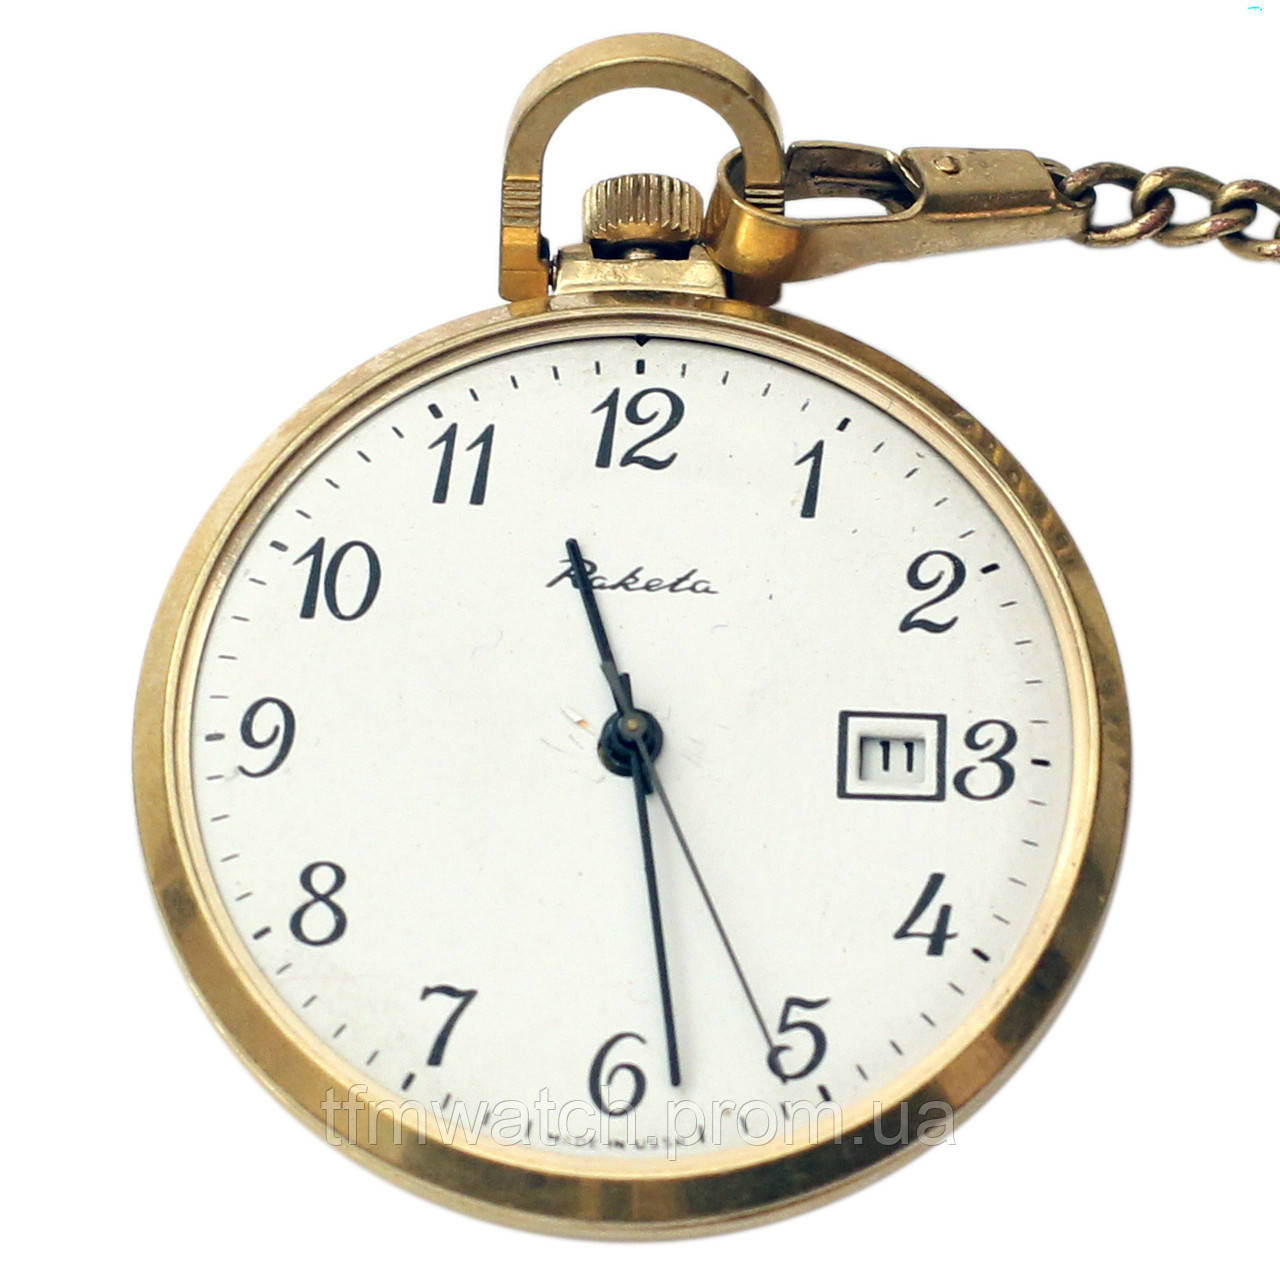 Карманные часы цена и где купить купить часы led 3 дуги